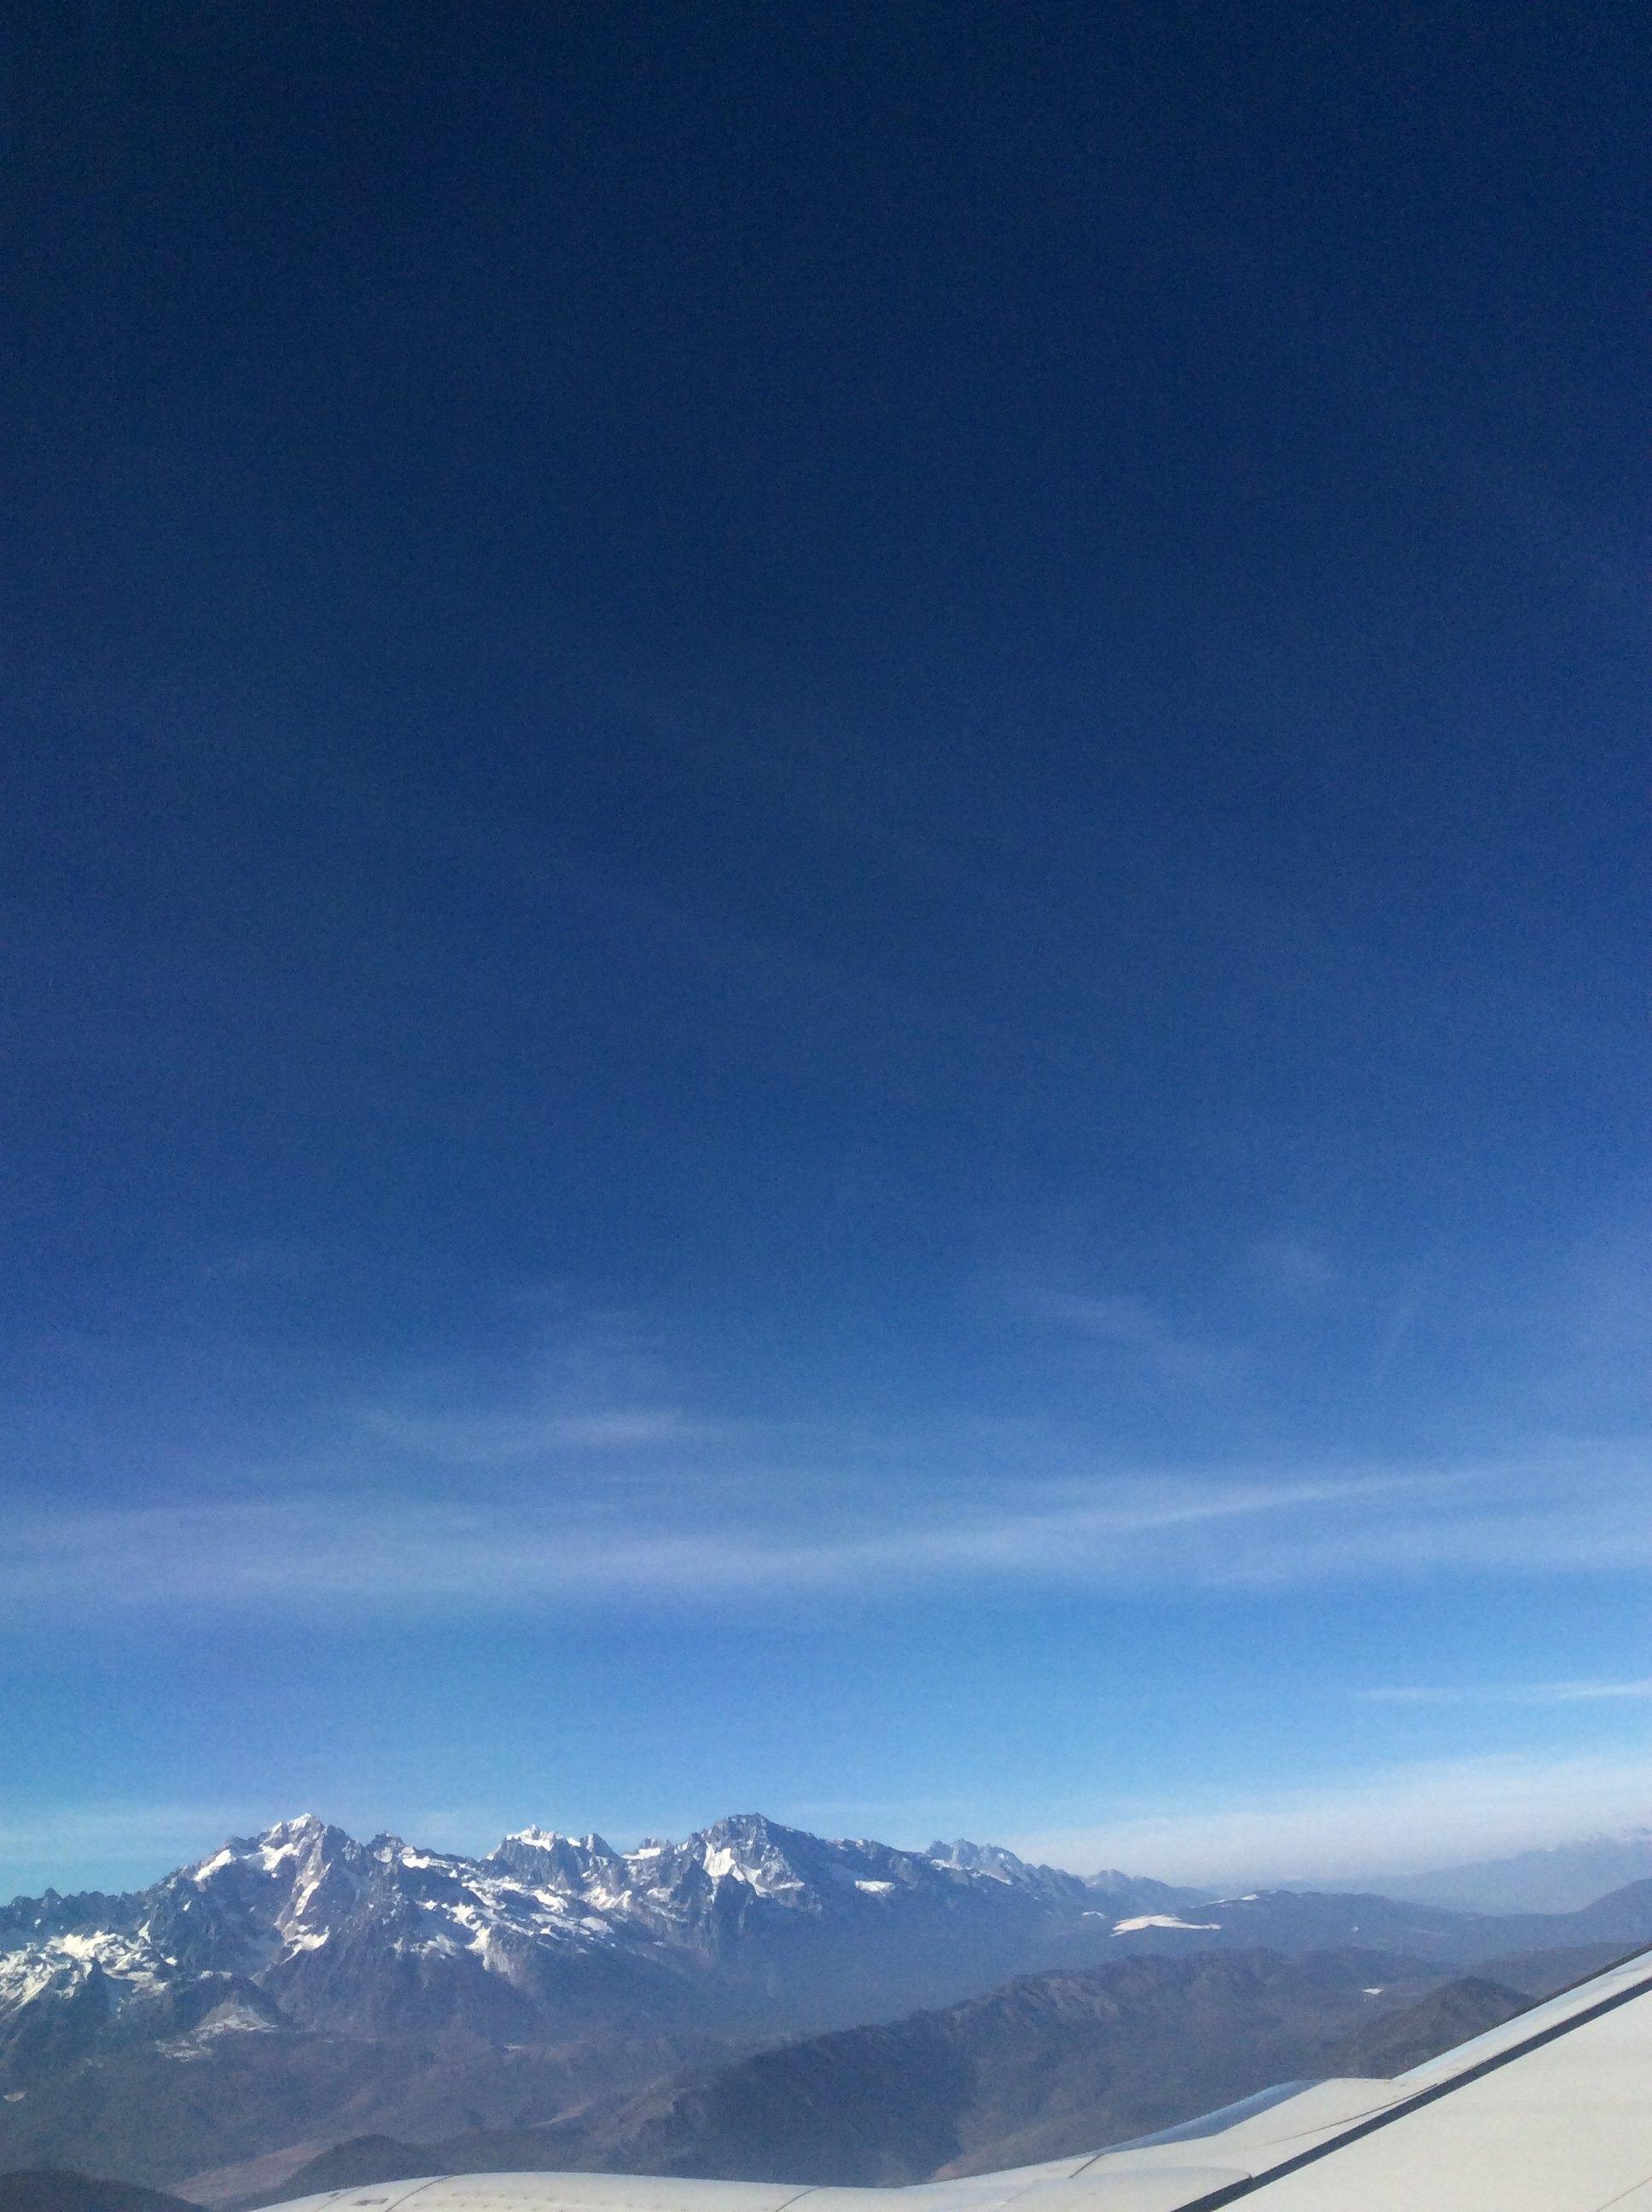 版纳到丽江的飞机上看到外面的雪山